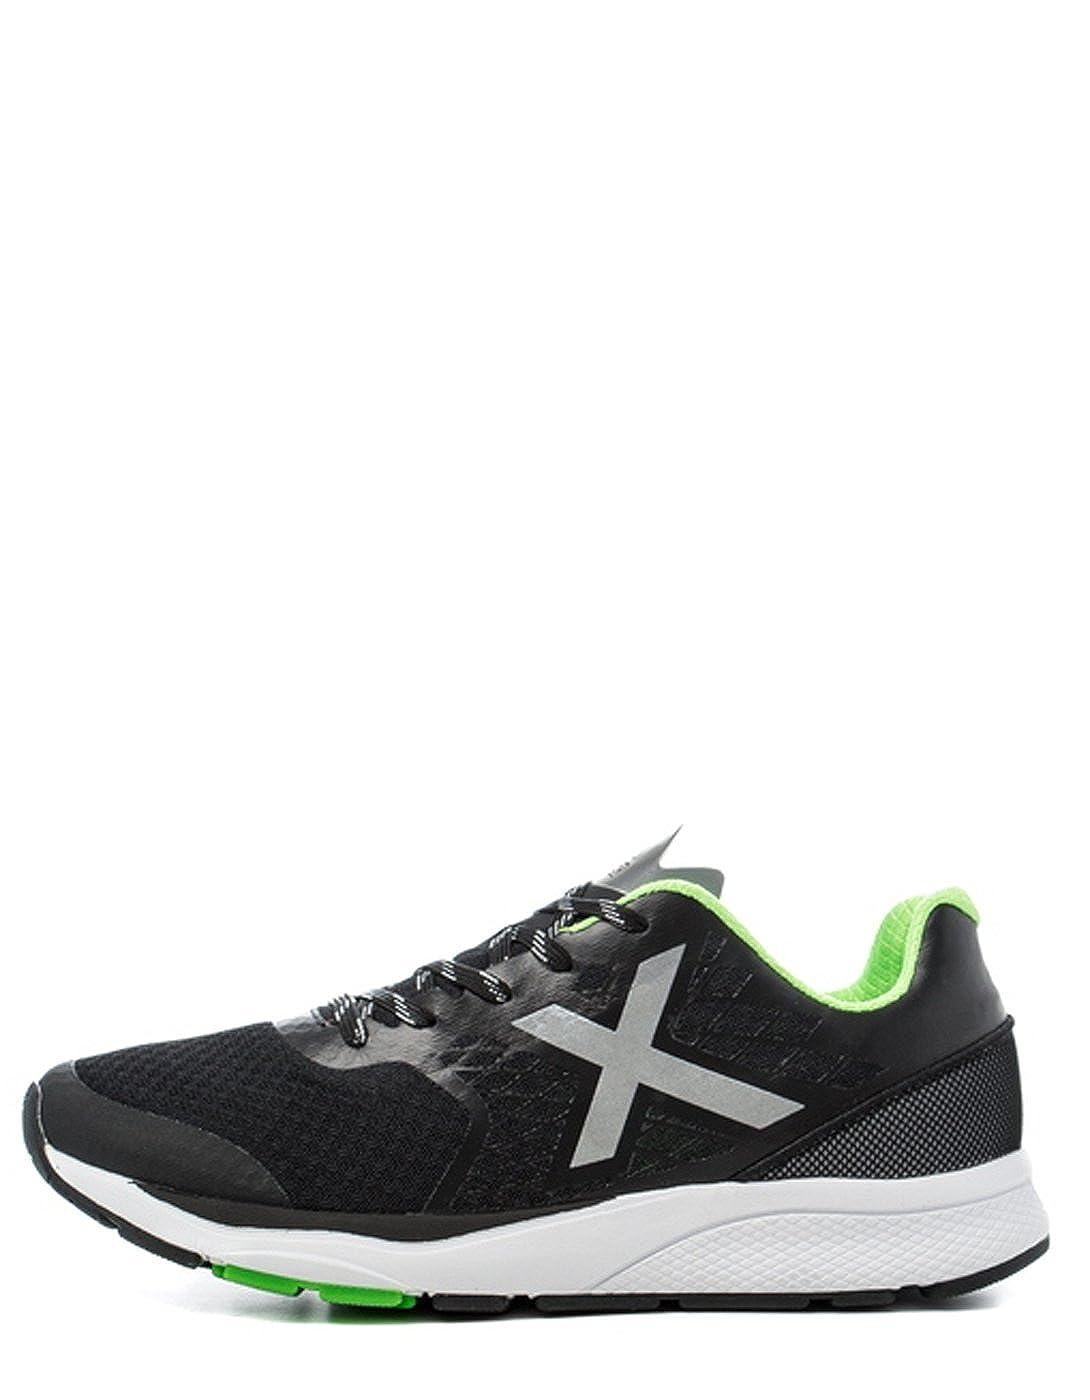 Zapatillas Deportivas Running Negras RX-03 de Munich: Amazon.es: Zapatos y complementos